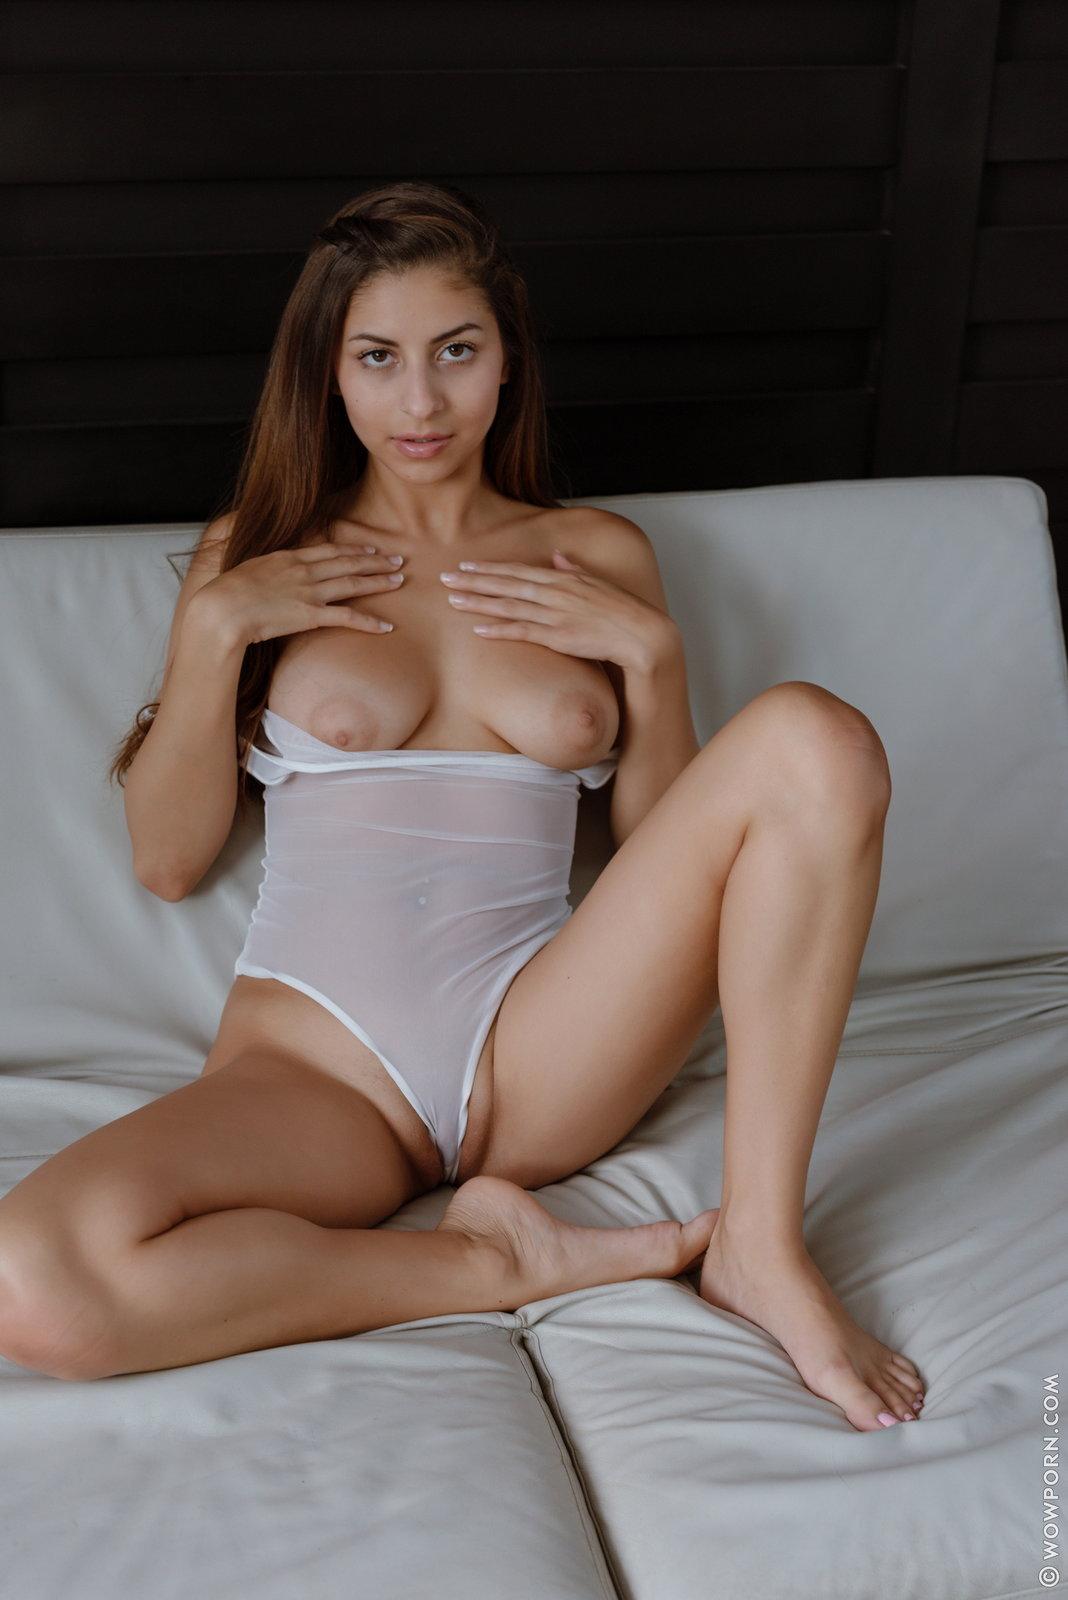 Zdjęcie porno - 122 - Bruneta z pięknymi oczkami